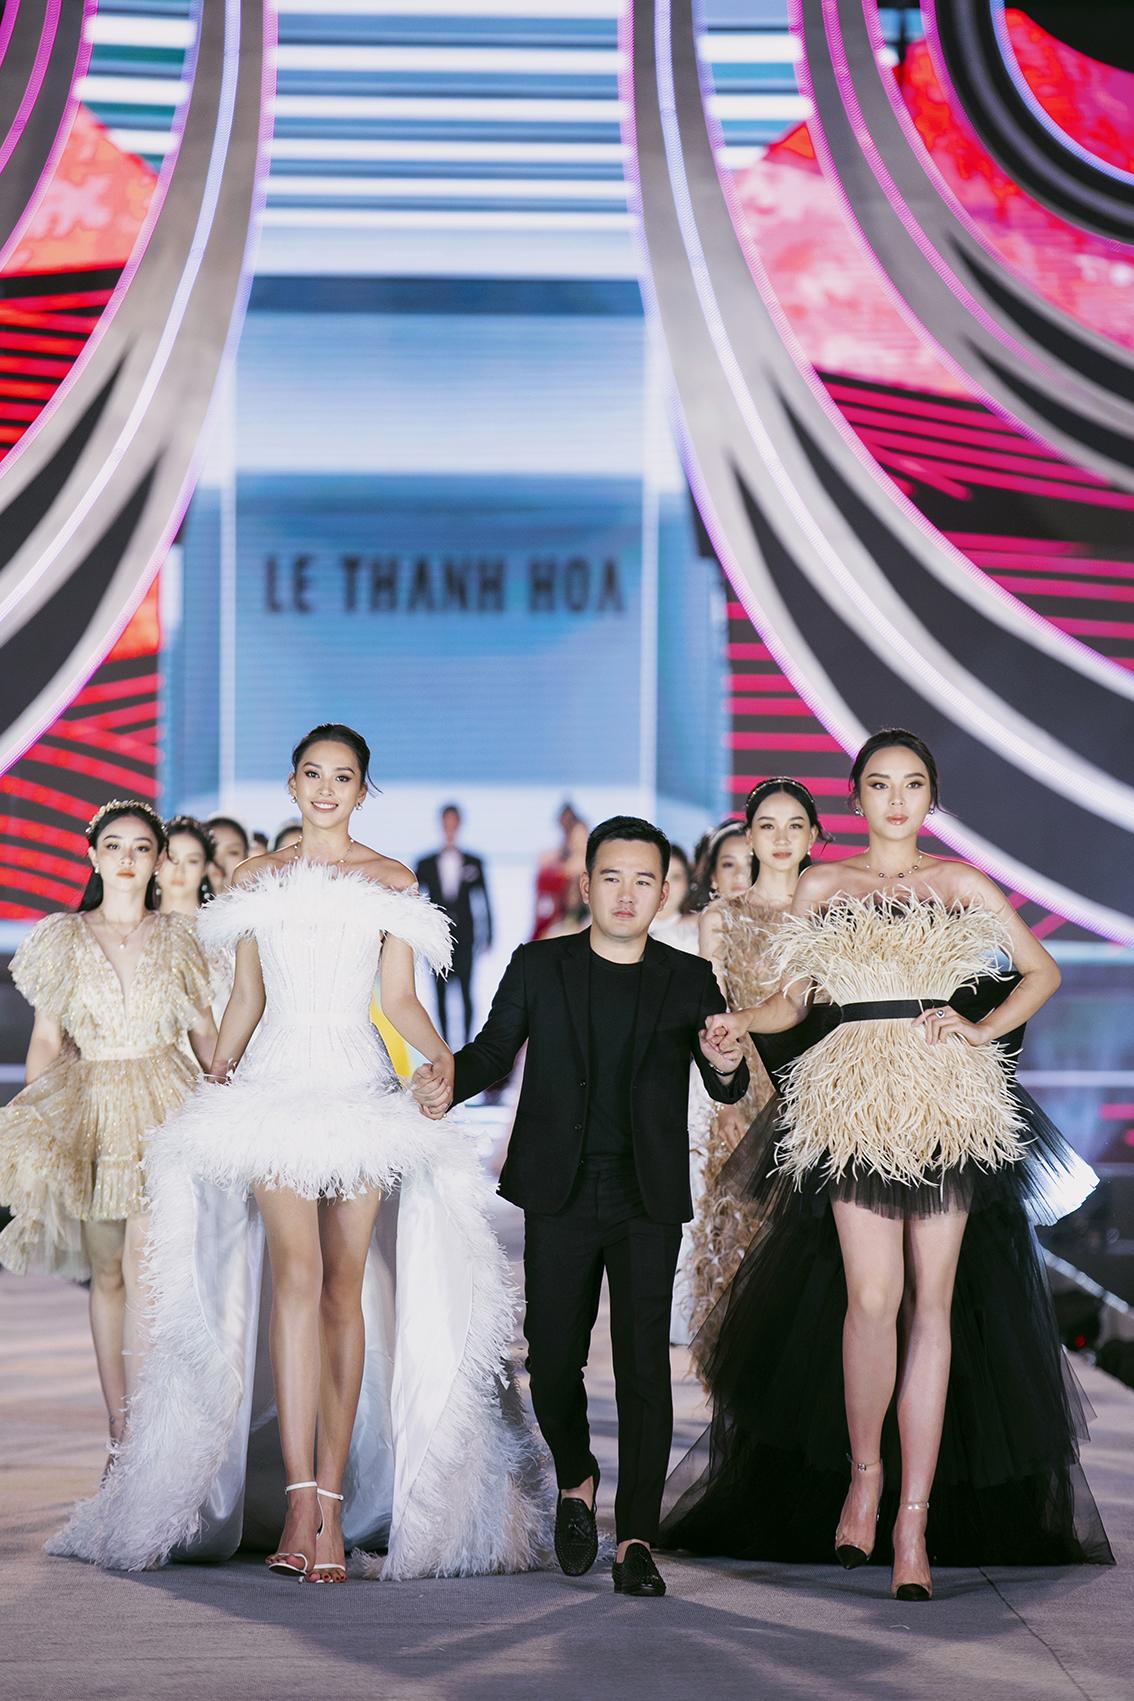 Lê Thanh Hòa - Ảnh 1.